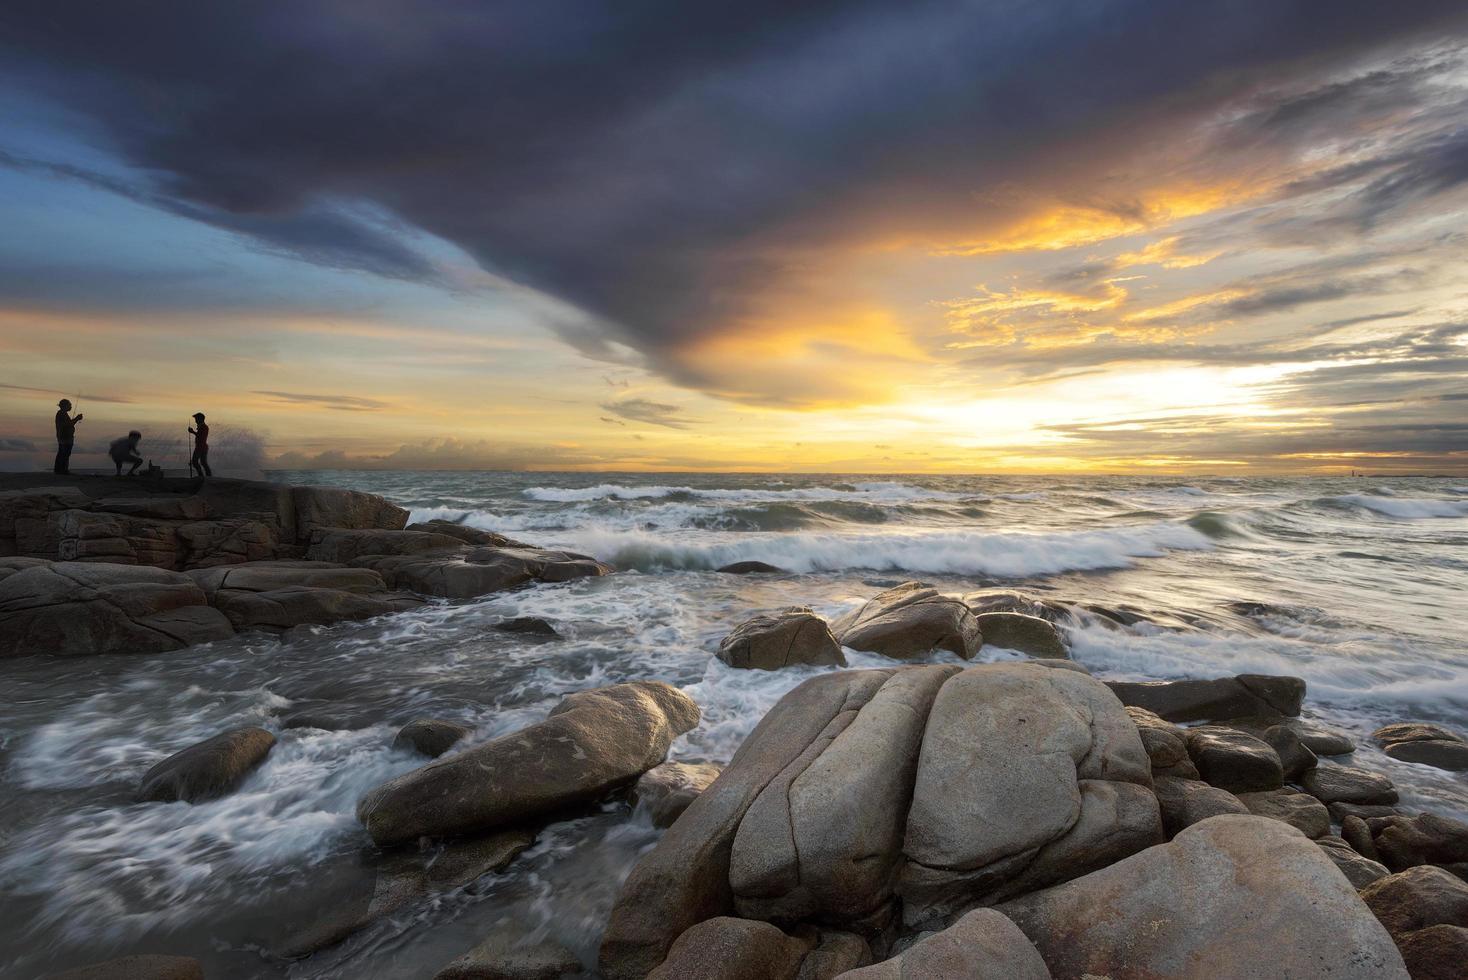 färgglad solnedgång över havet foto